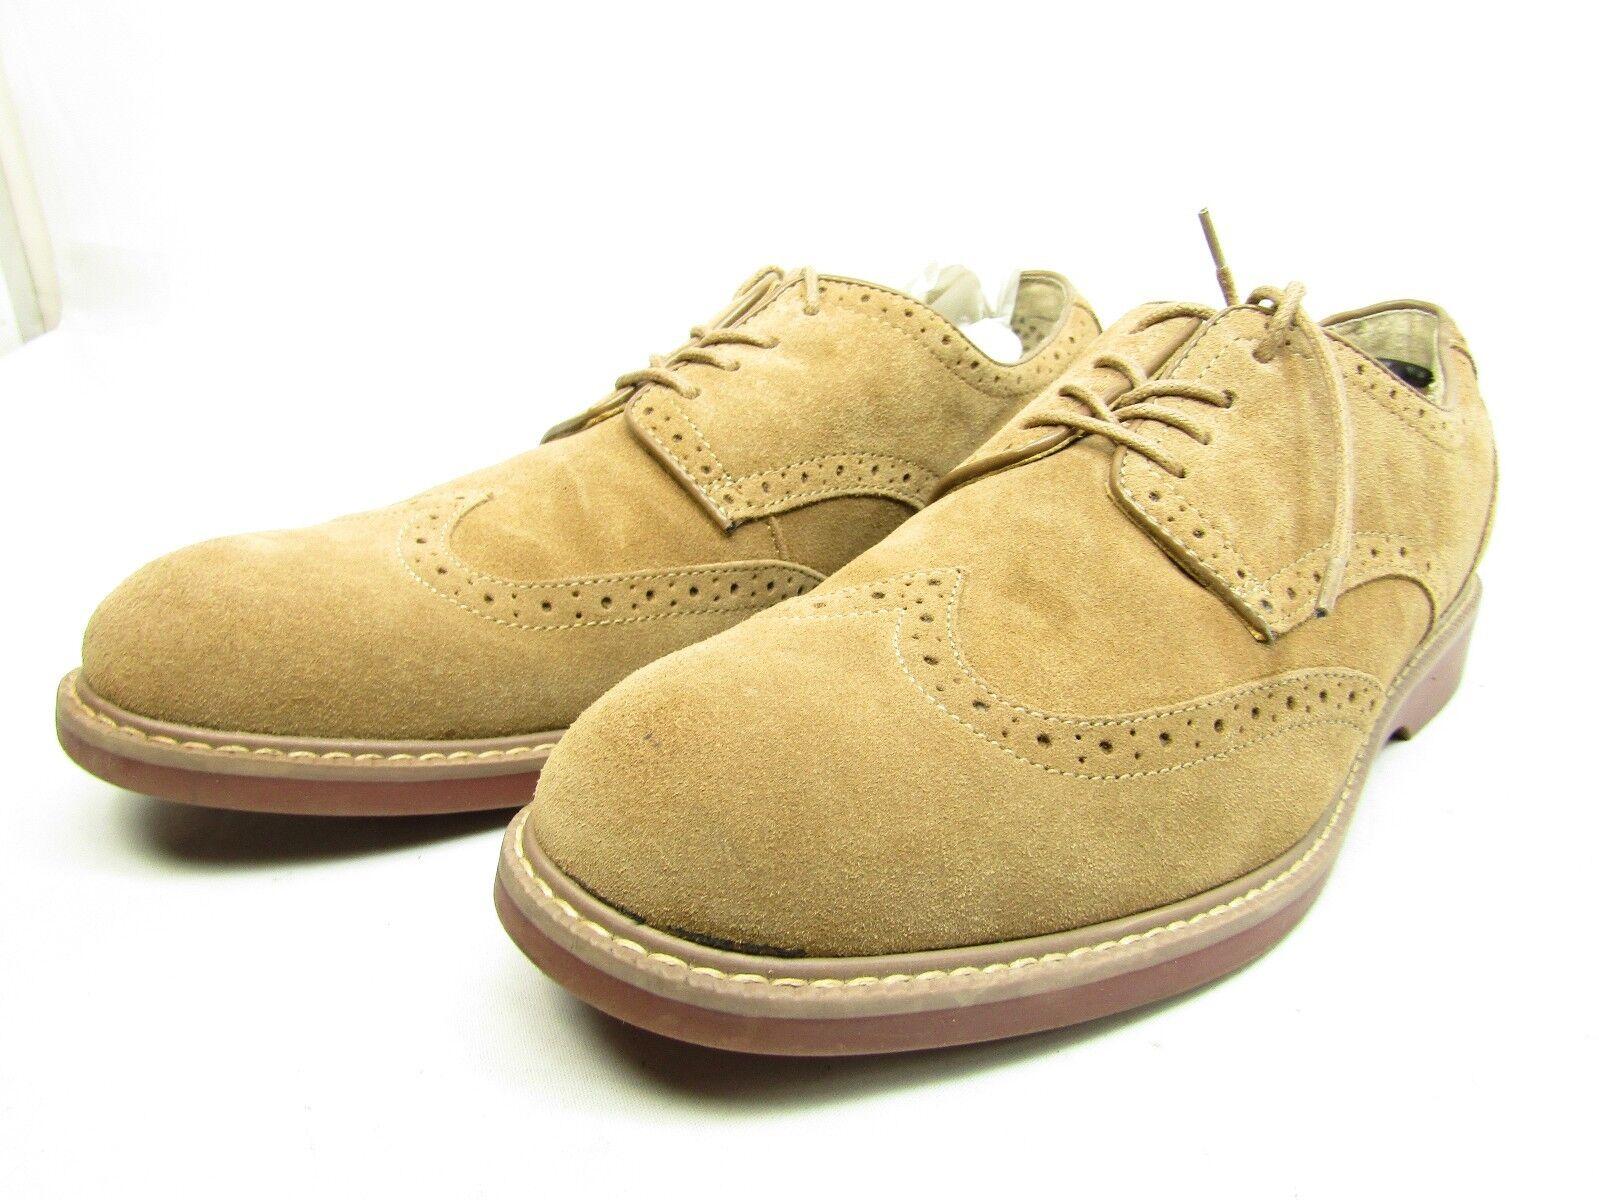 G.H. Bass & Co. PEMBROKE Suede 014-1500  Cognac US Size 11D